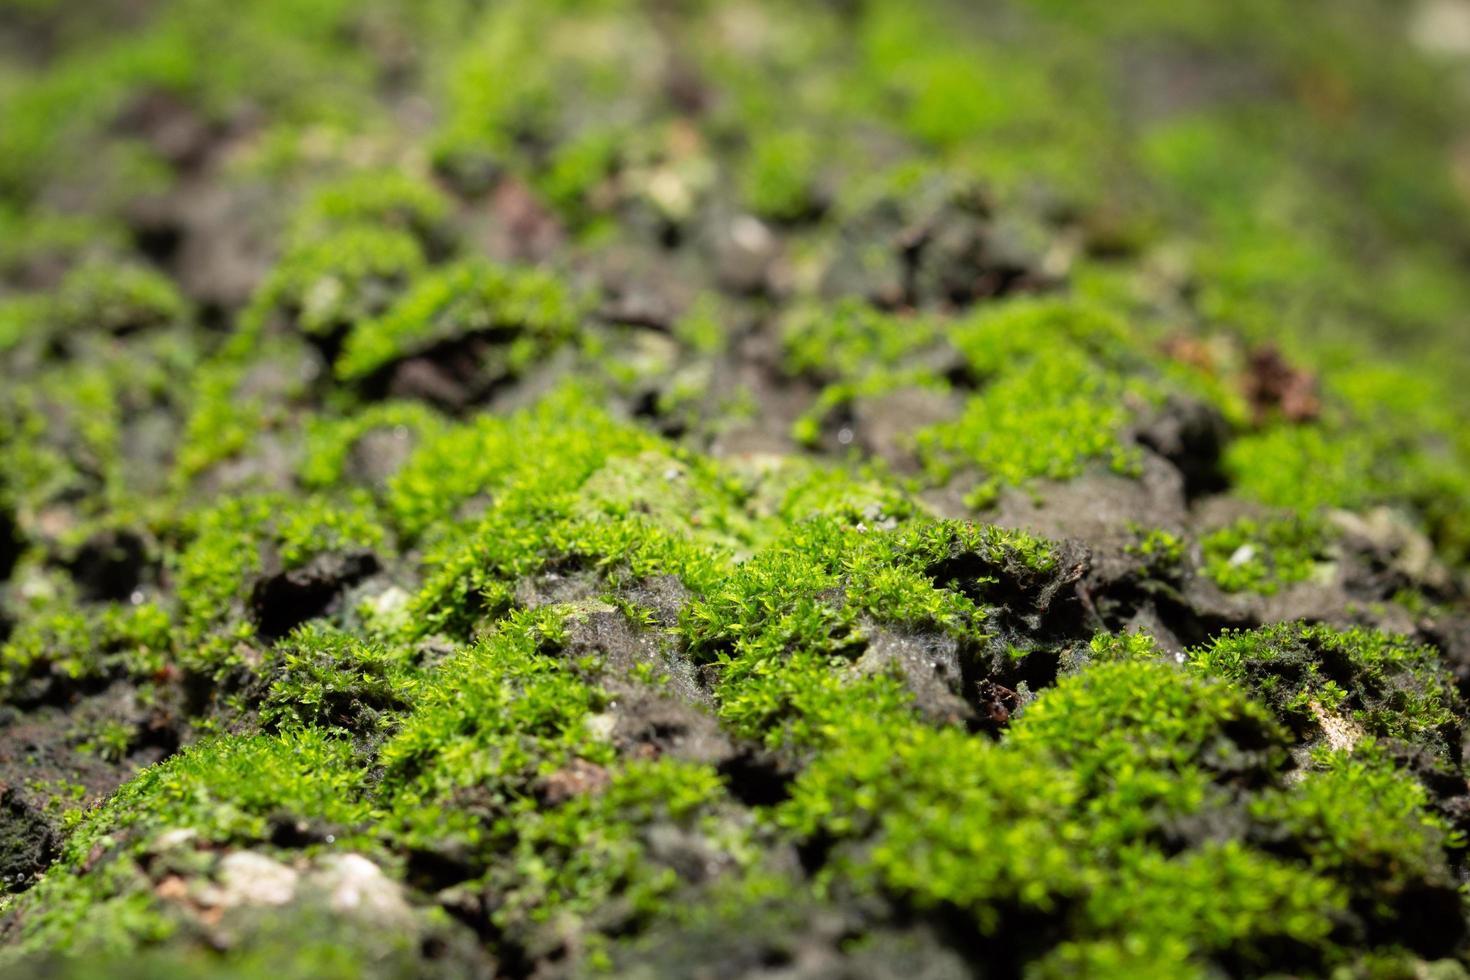 Makromoos auf der Oberfläche eines Baumes in der Natur foto